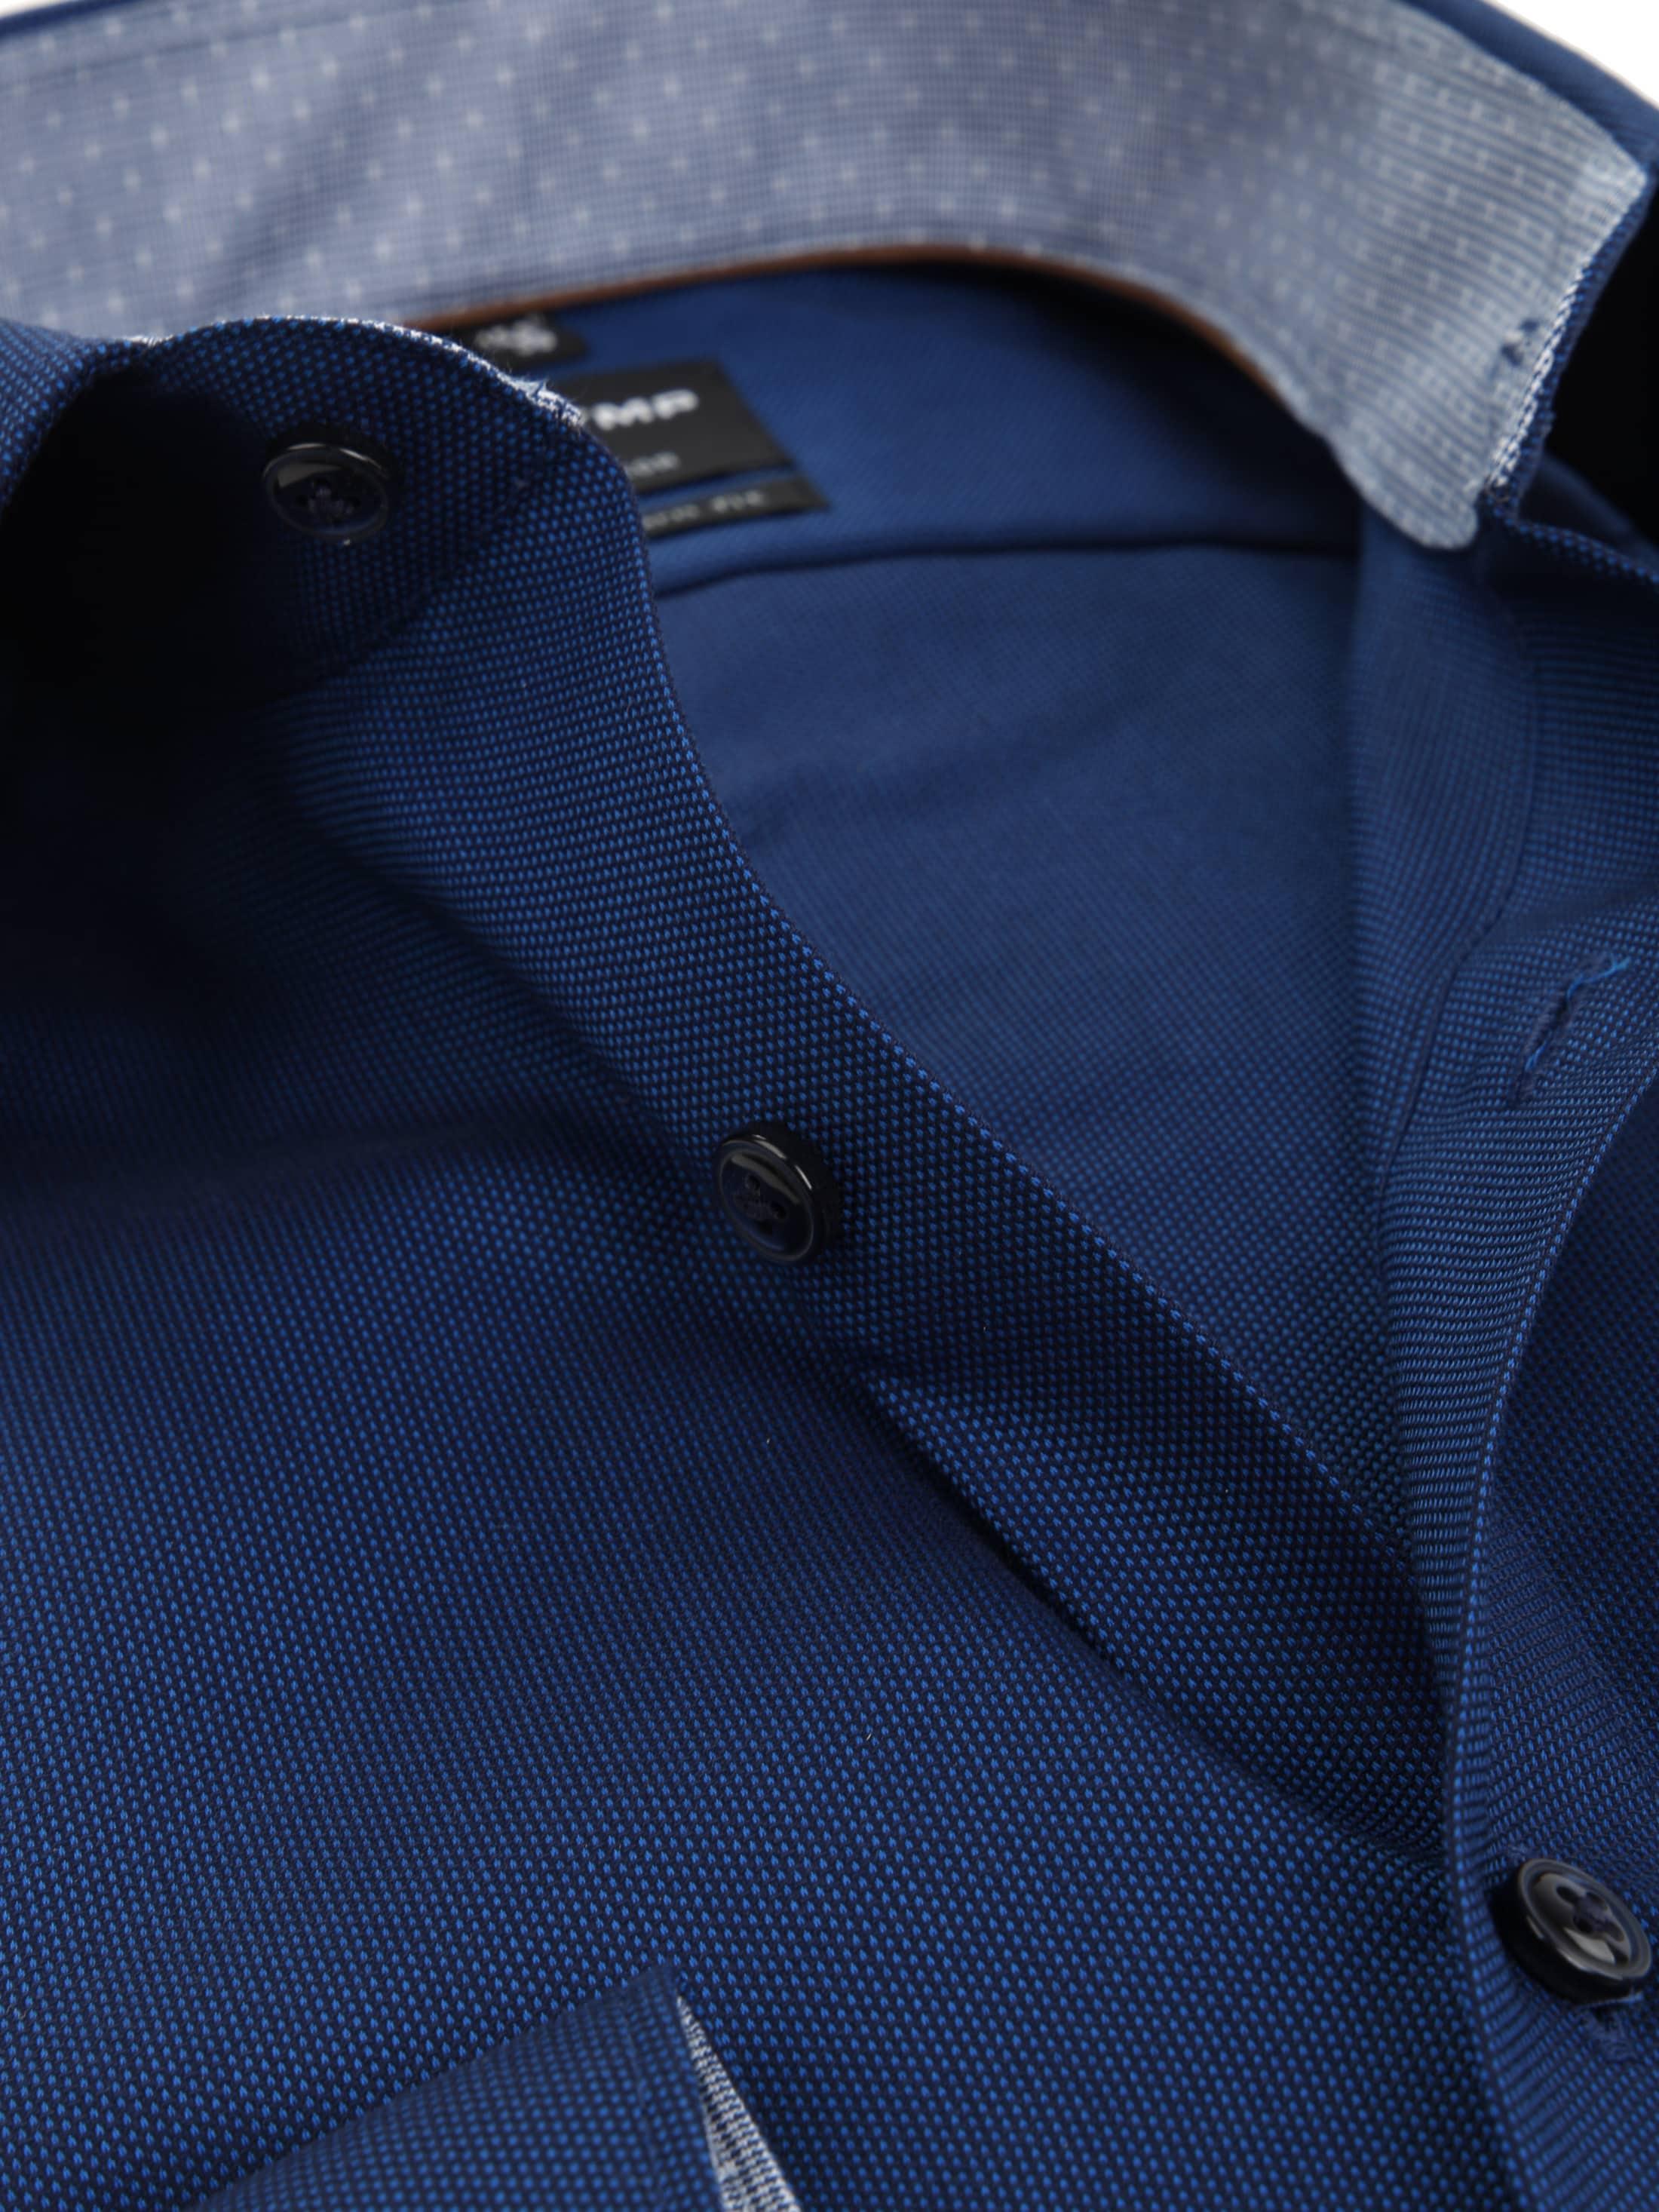 olymp overhemd luxor modern fit sl7 navy 121629 online. Black Bedroom Furniture Sets. Home Design Ideas